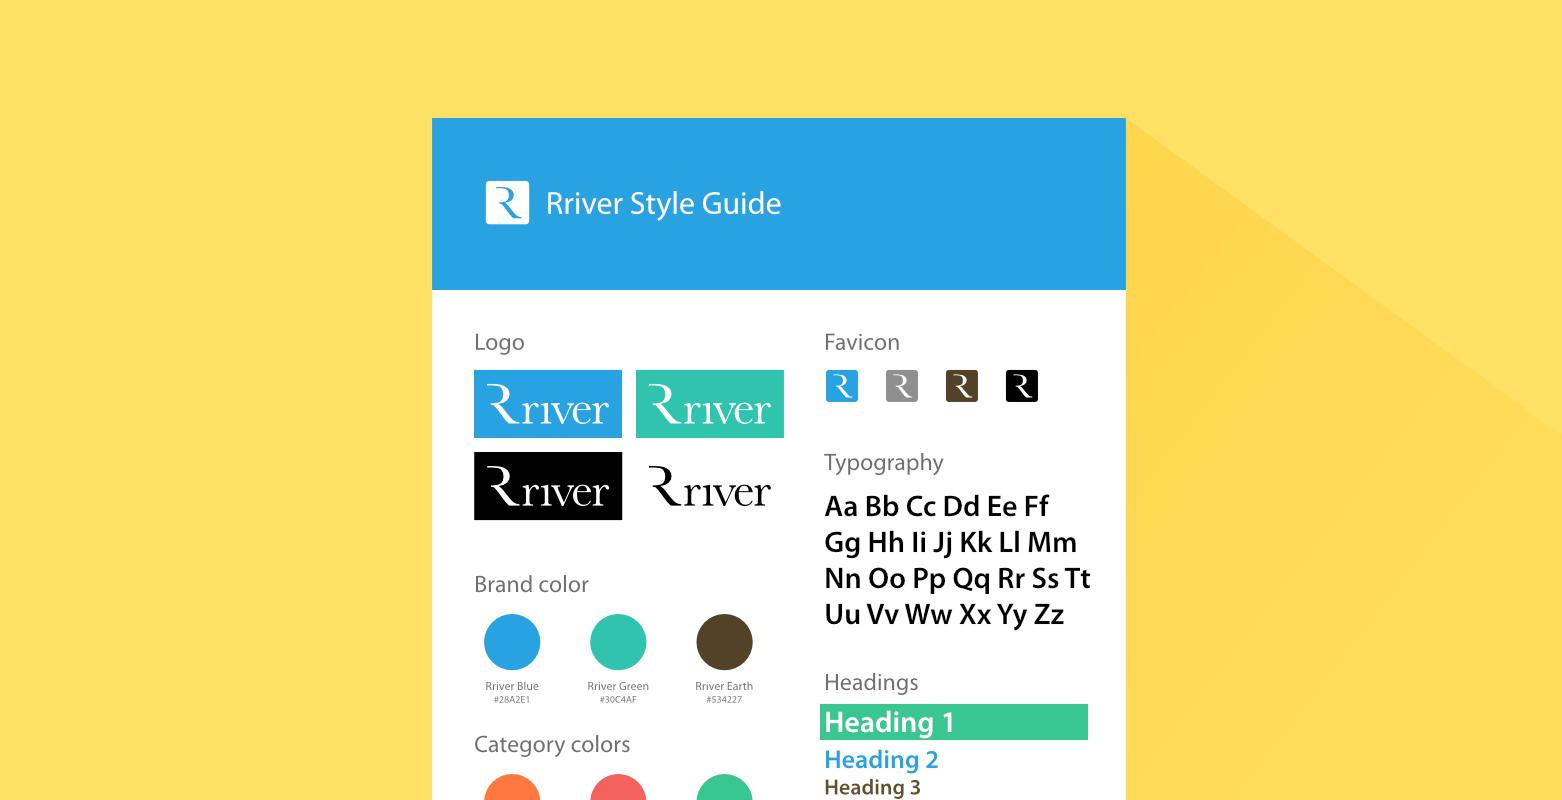 スタイルガイドとパターンライブラリの違い – Rriver